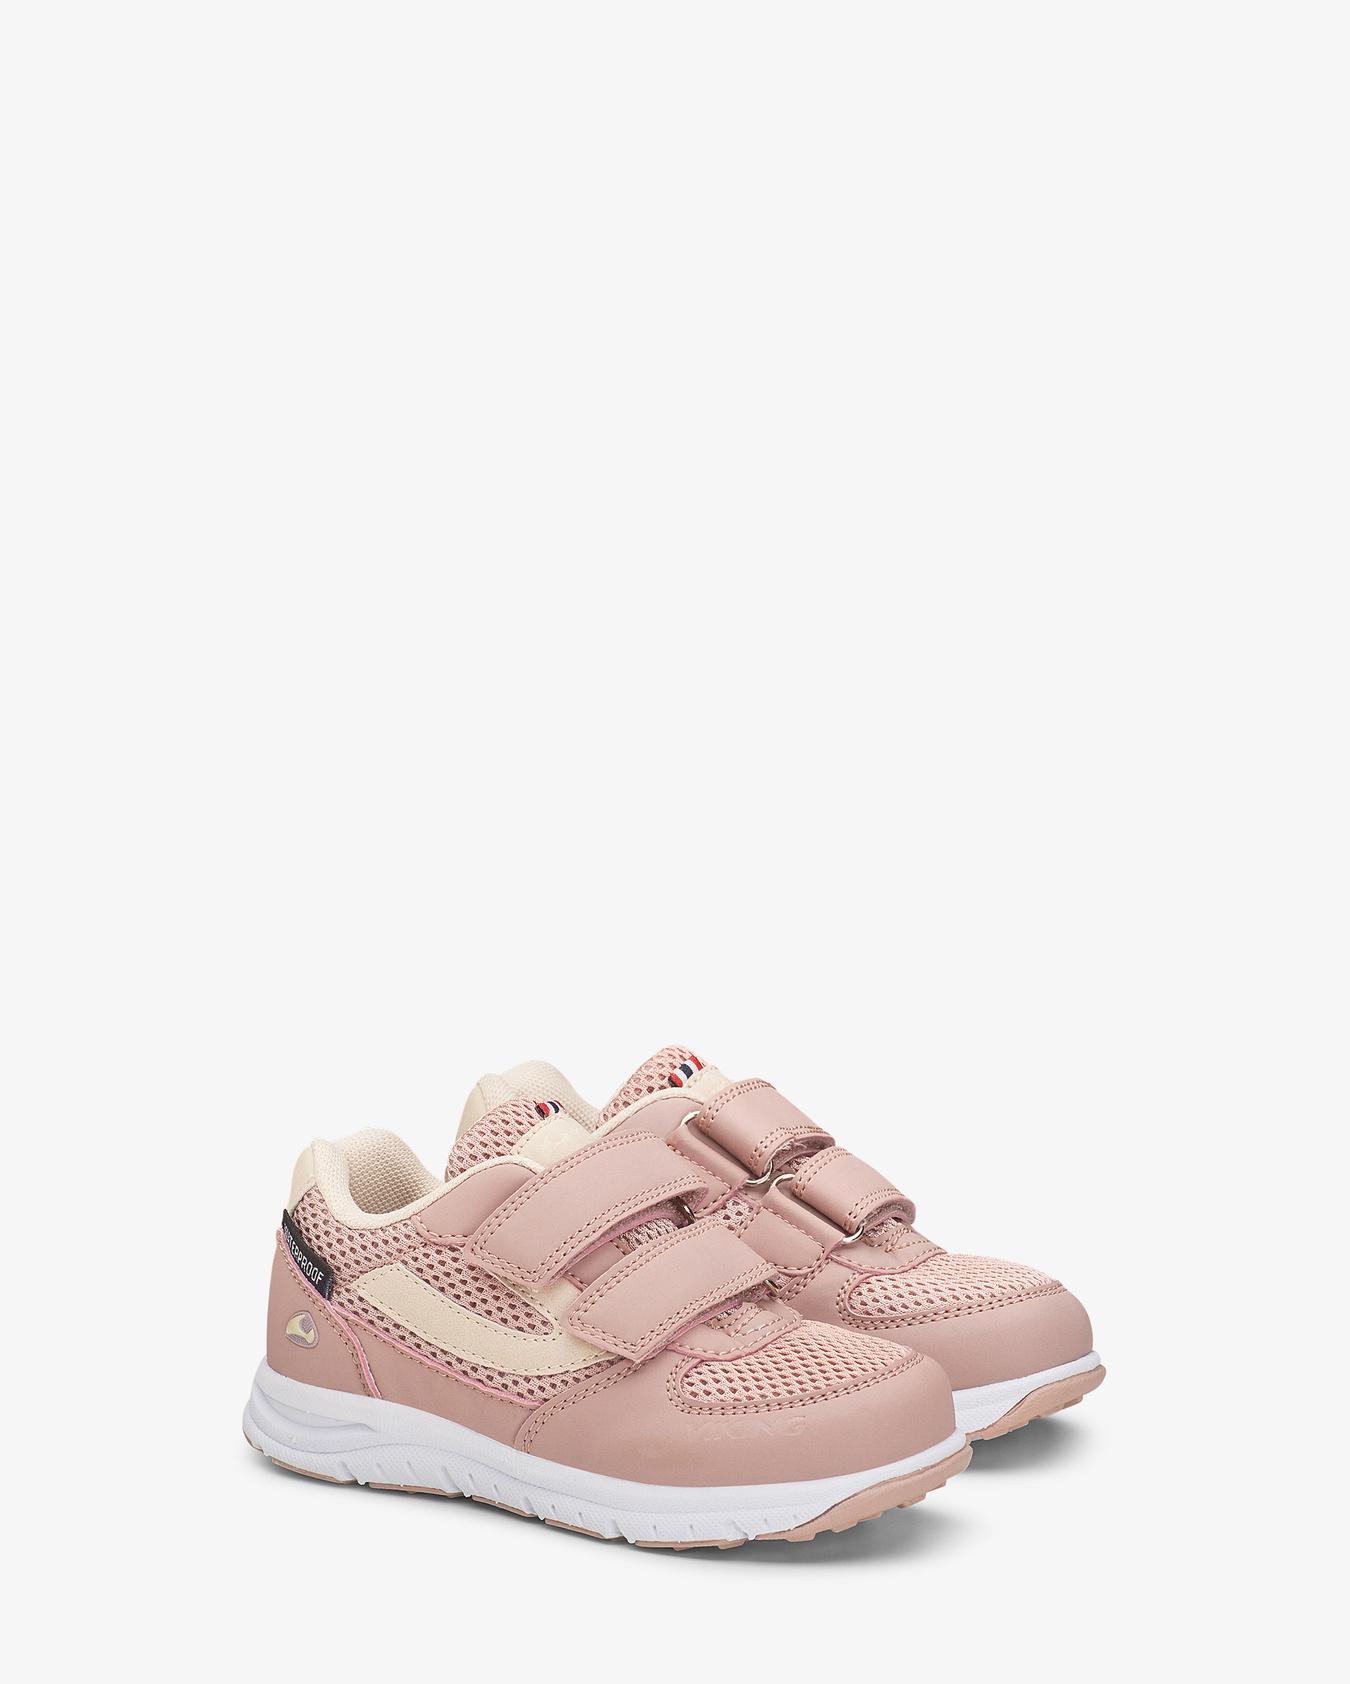 Hovet WP Sneaker